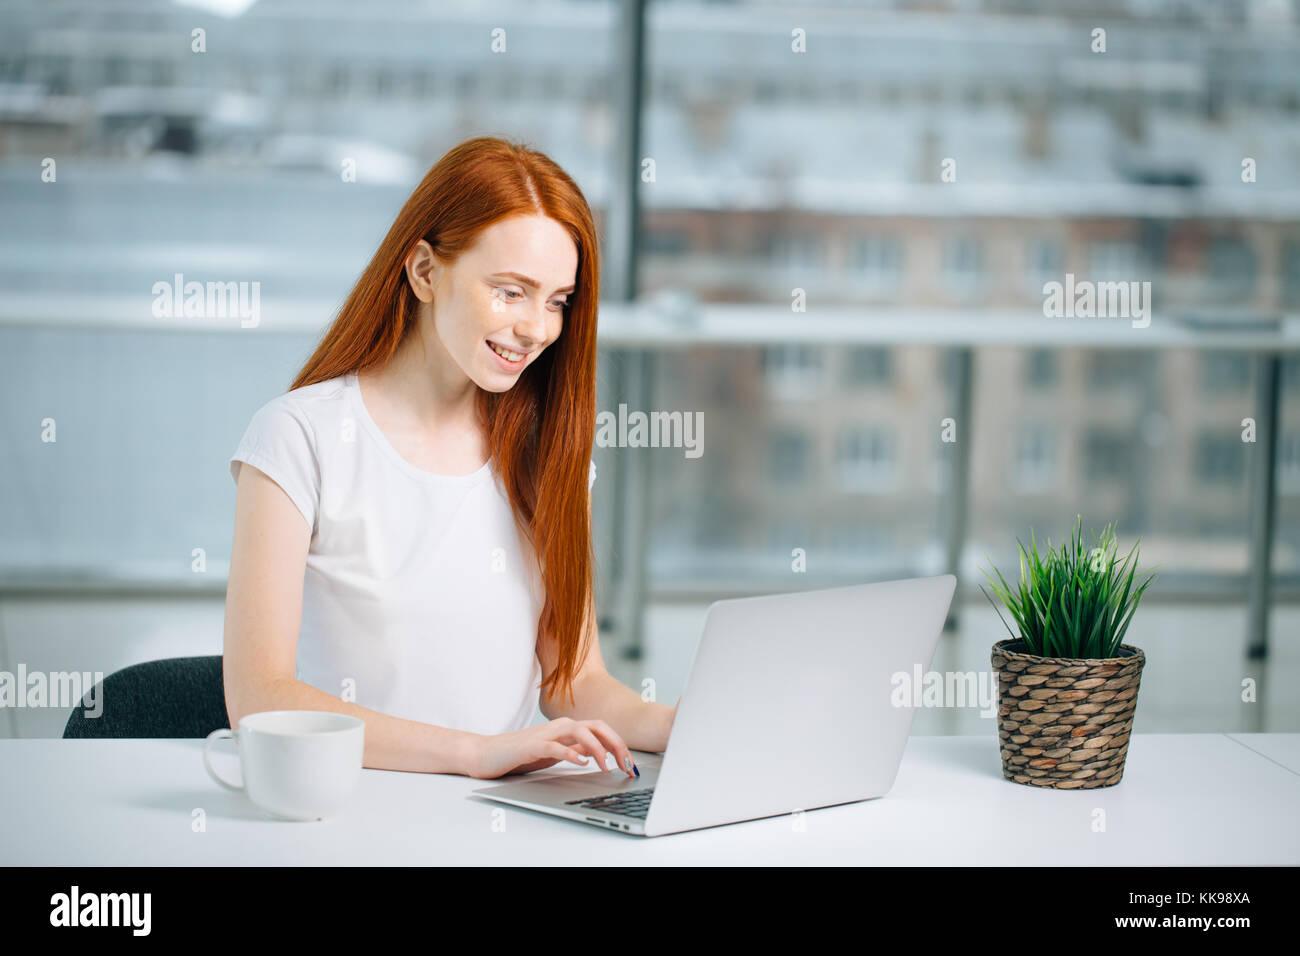 Donna digitando su laptop al lavoro donna che lavorano in ufficio a casa la tastiera a mano Immagini Stock